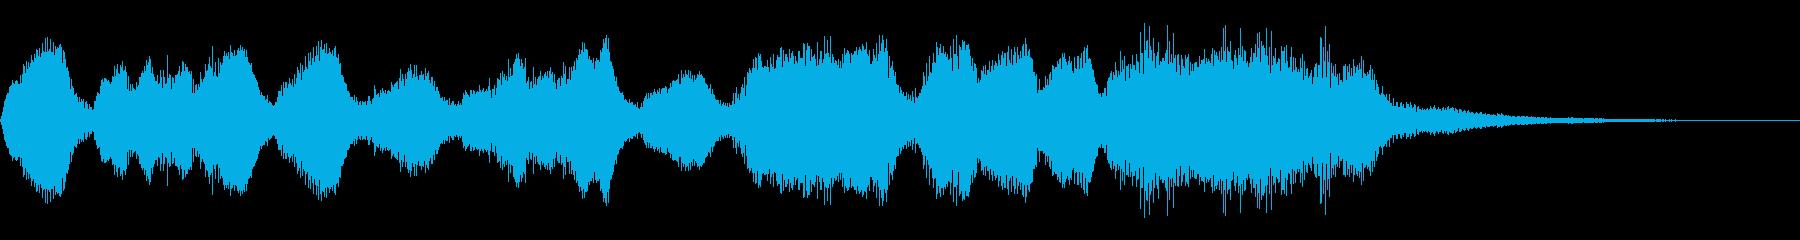 ファンファーレ ゲームクリア 勝利 成功の再生済みの波形